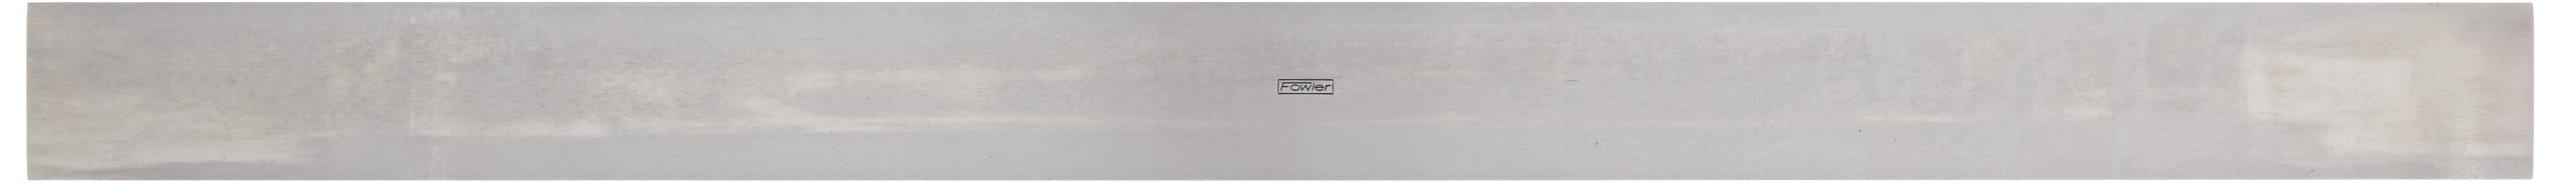 Fowler 52-480-050 Steel Straight Edges, 18'' L x 1.32'' W x .150'' Thick